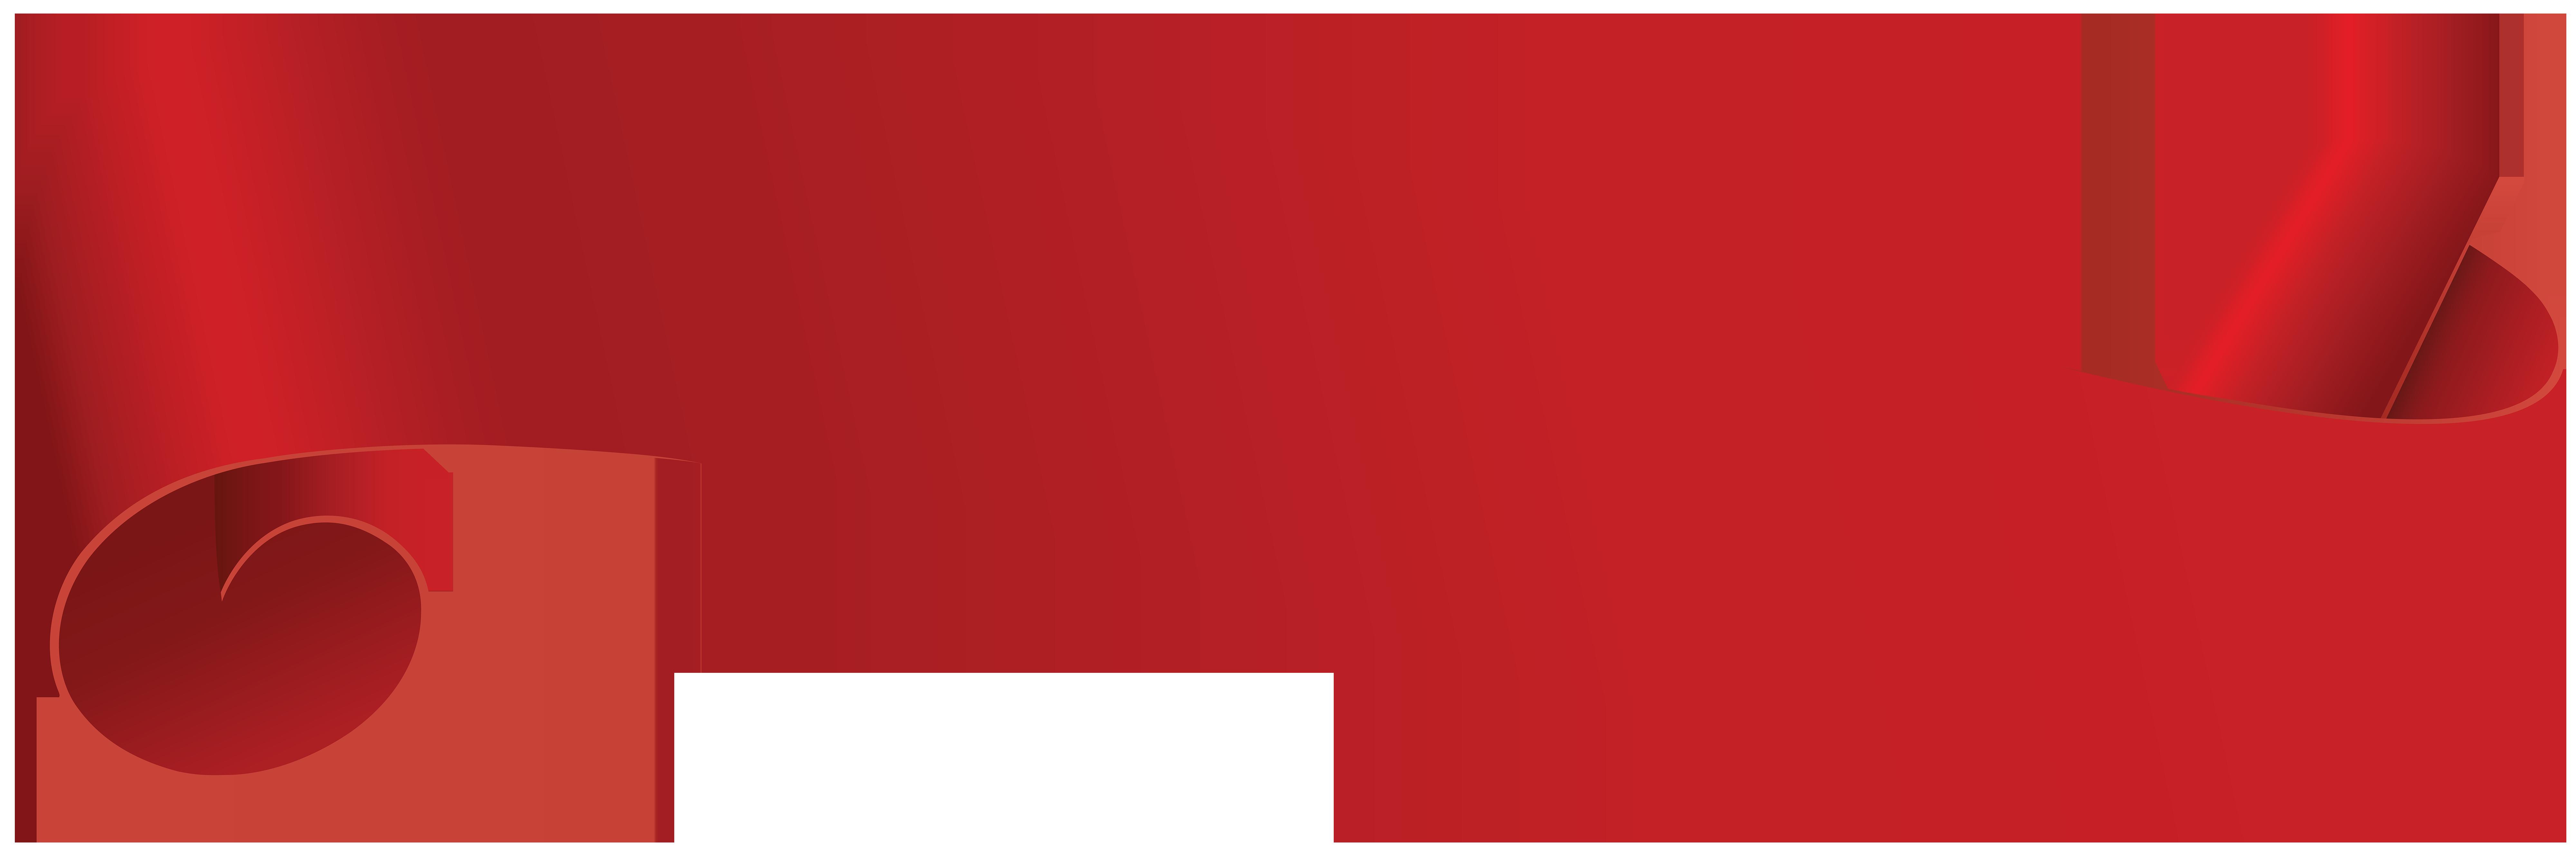 Red Banner Transparent Clip Art PNG Image.